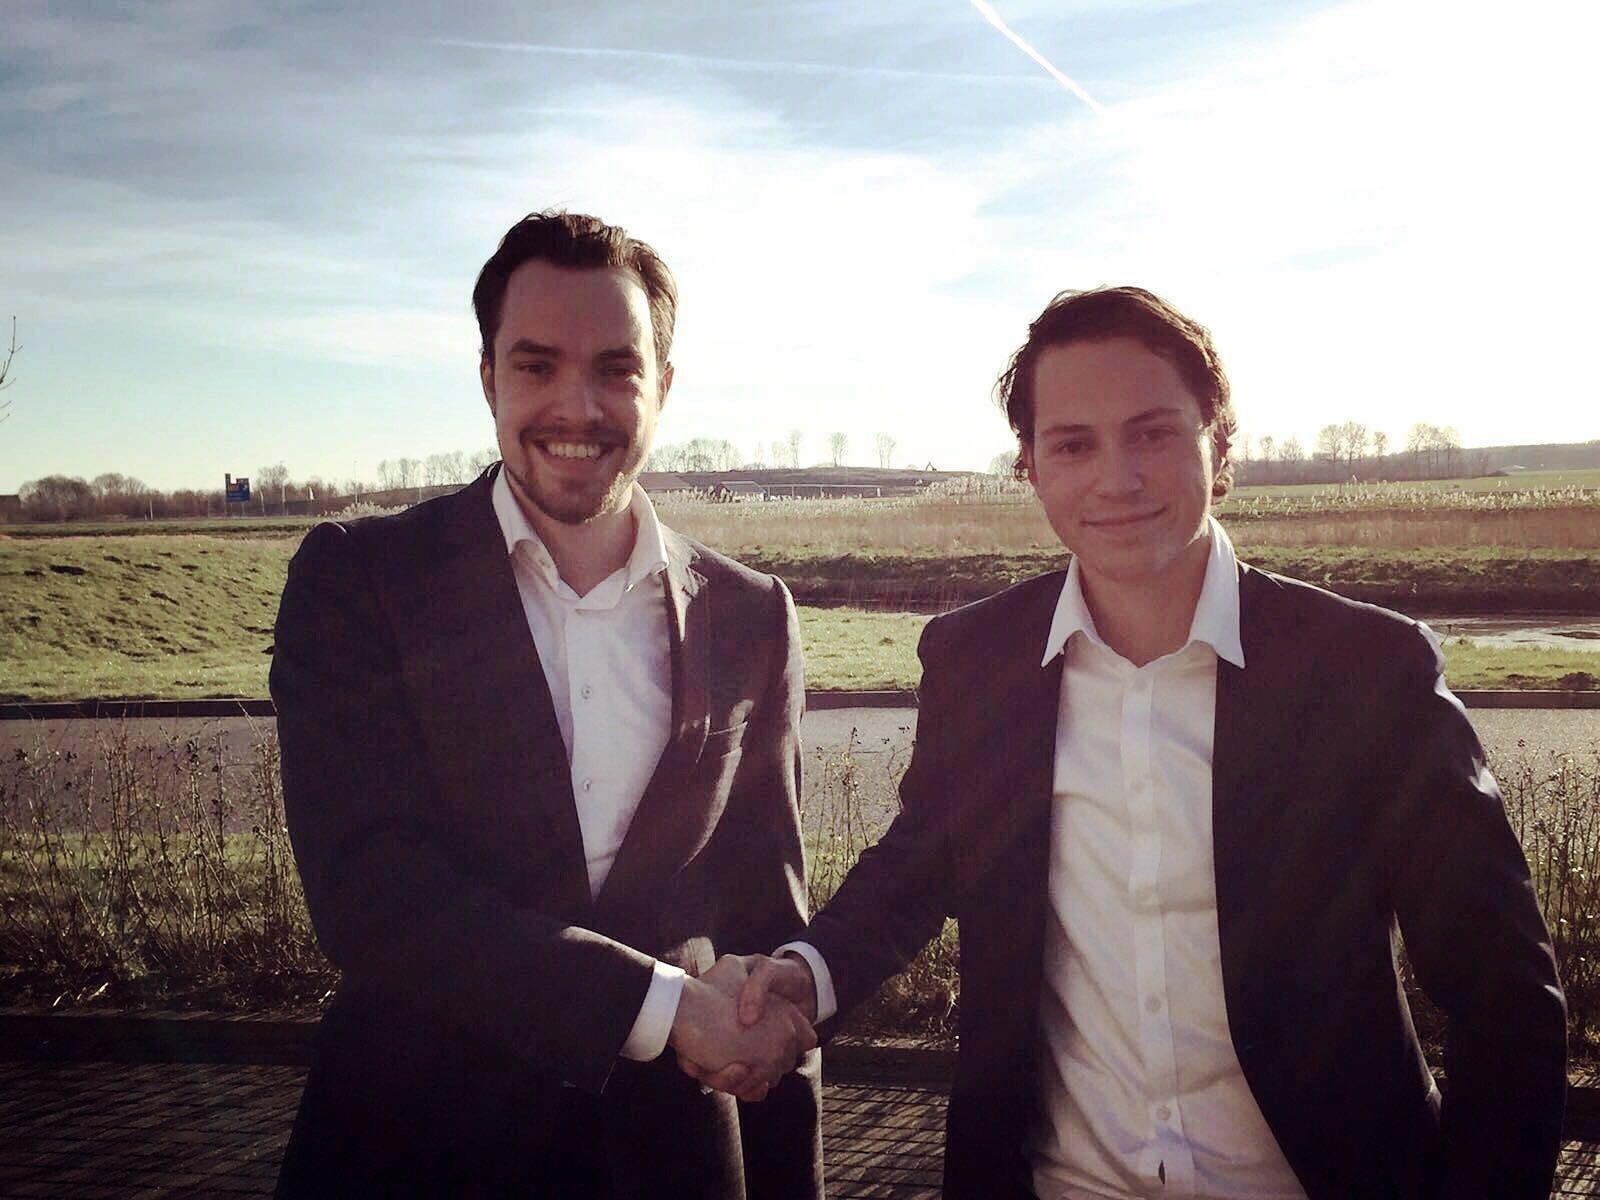 Crijn Janssen, franchisegever Straeus Incasso (l.) en Loyd Hendriks, franchisenemer Straetus Flevoland. Bron: FranchiseFormules.NL